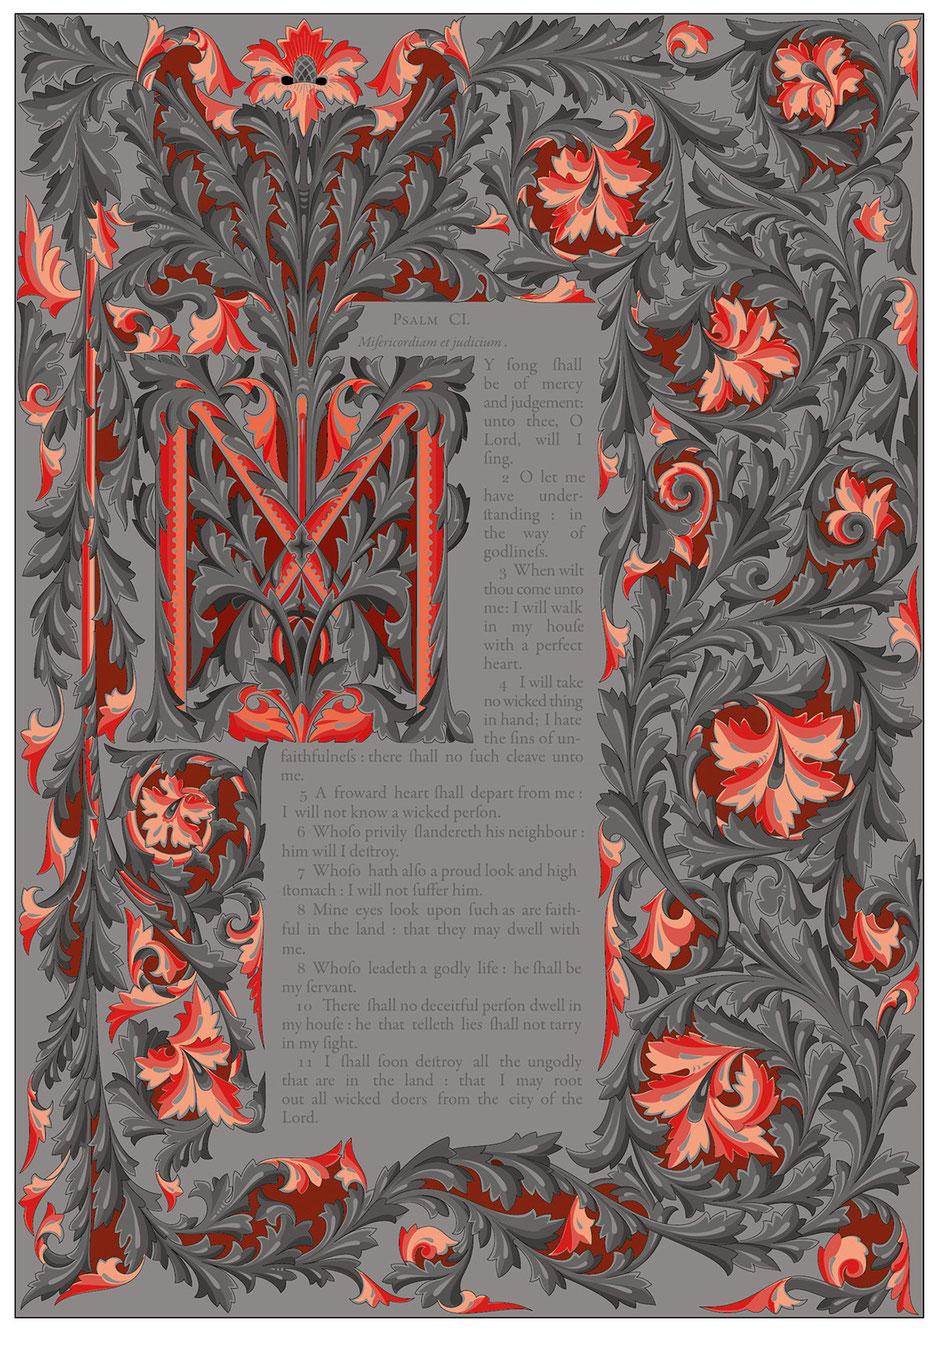 De inspiratiebron is Owen Jones Victoria Psalter. Een gelithografeerde uitgave uit 1861.